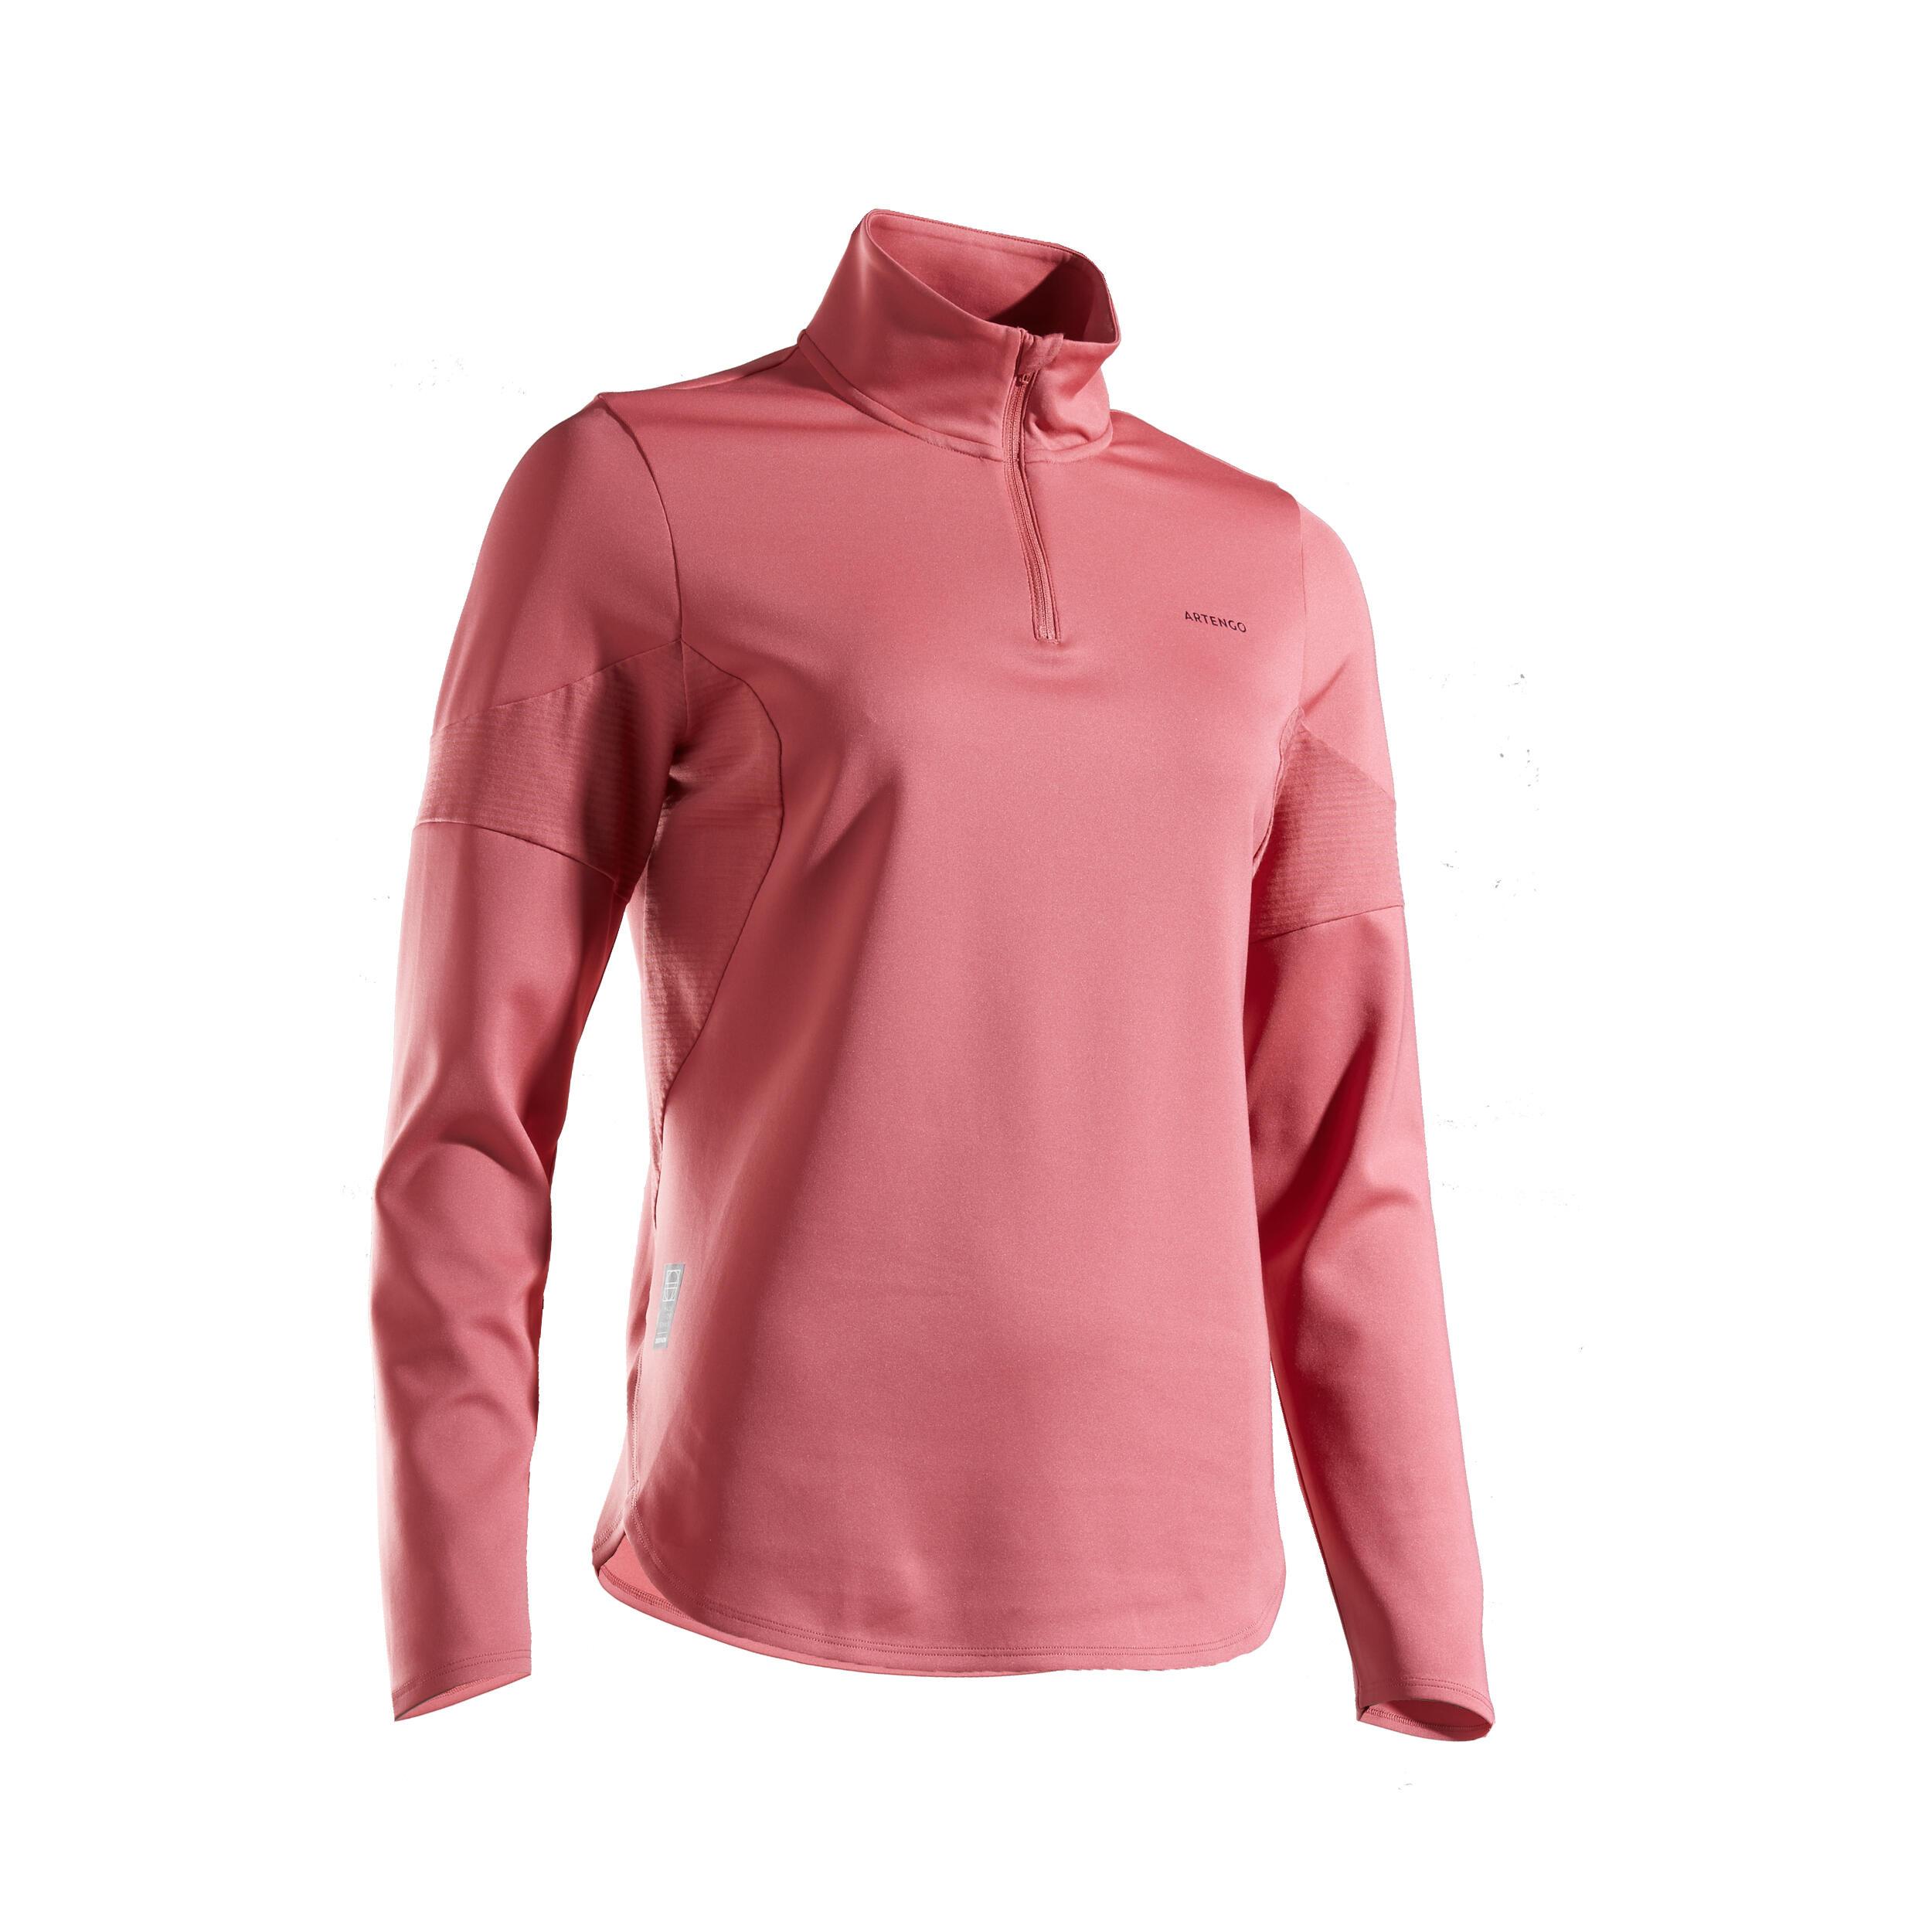 ARTENGO - Camisola mangas compridas